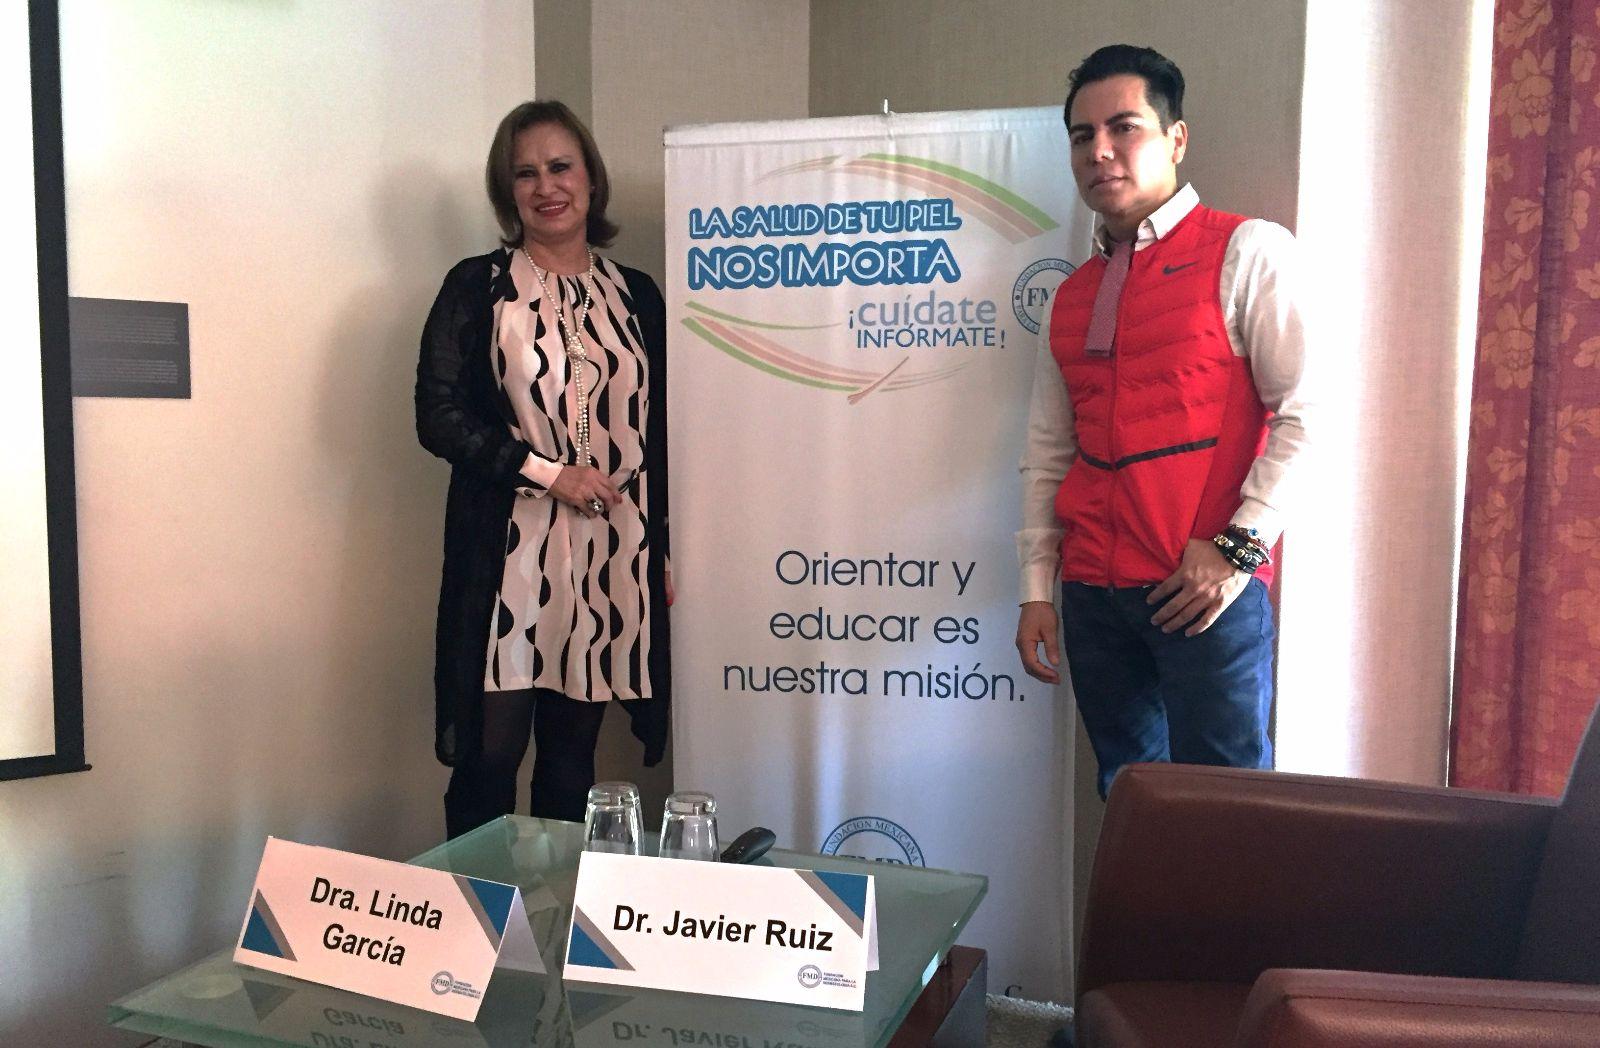 Linda García Hidalgo y Javier Ruiz Ávila